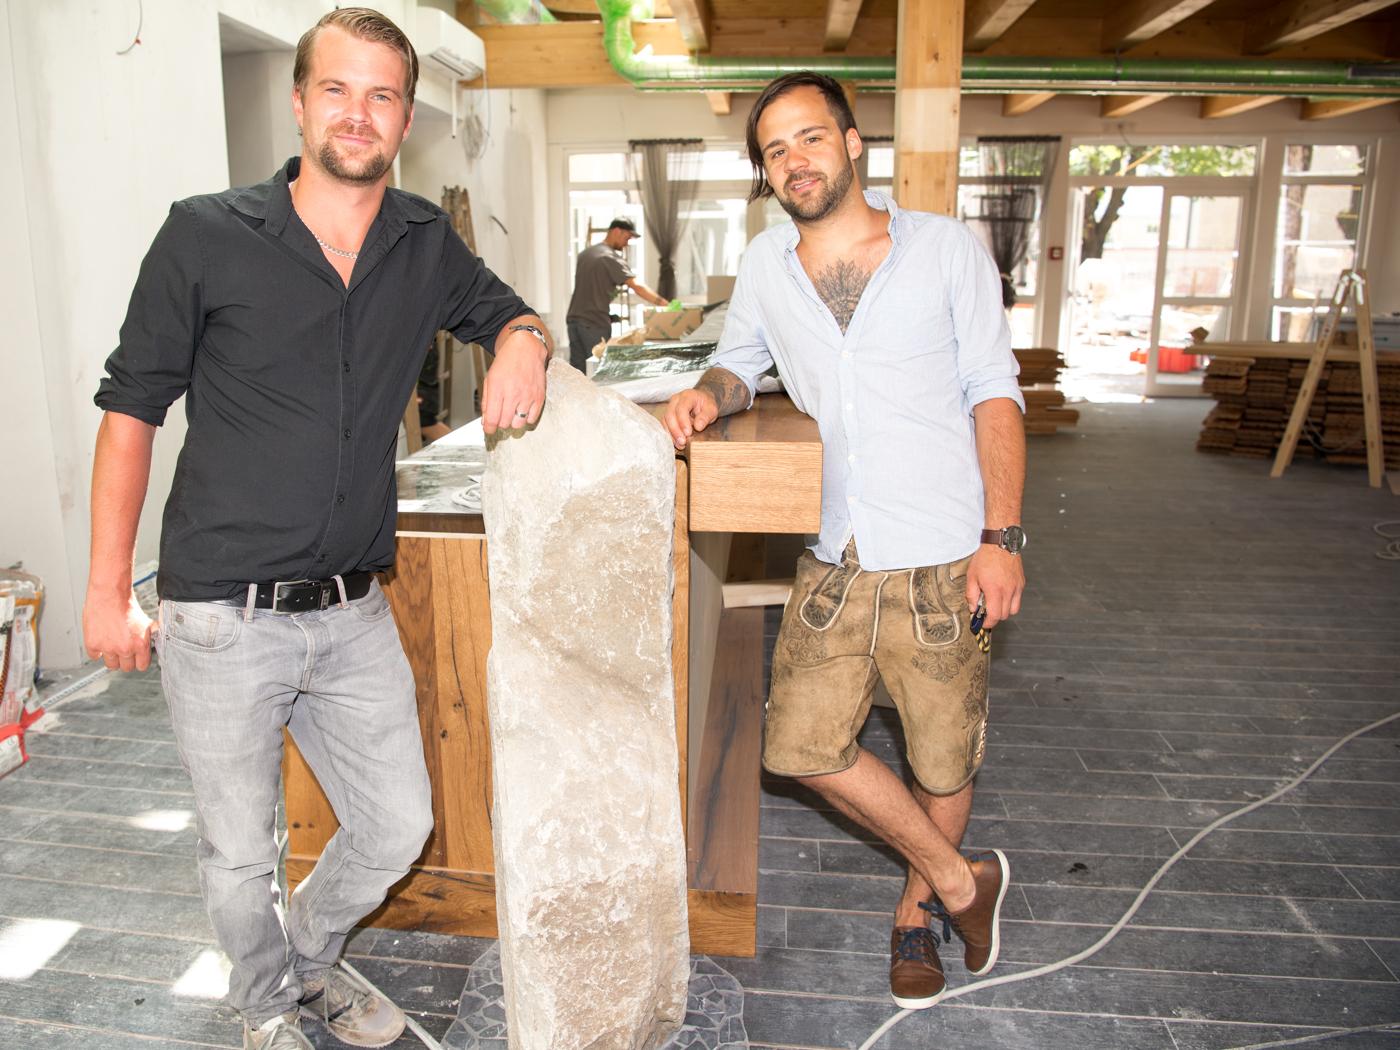 Noch Baustelle - bald der Barbereich der Völlerei. Harald Salzmann (li.) mit Lukas Ziesel.